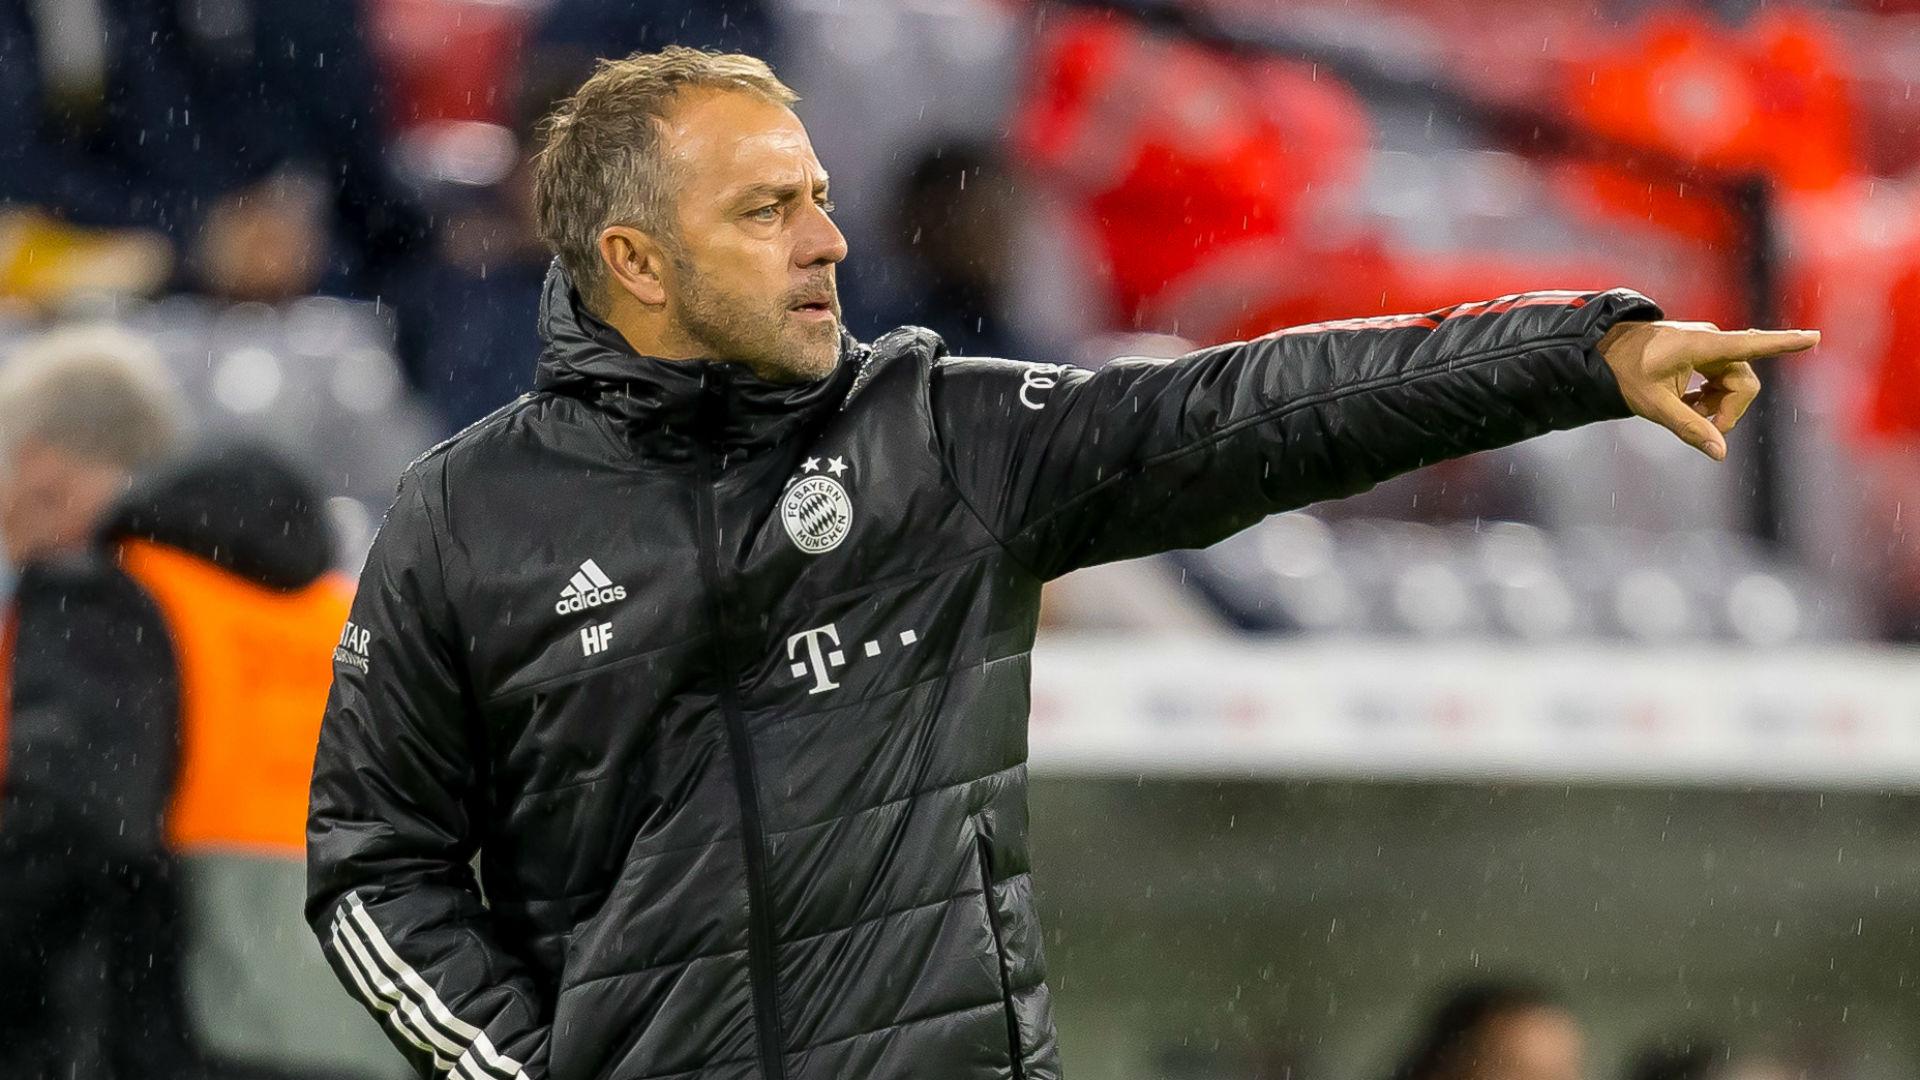 Bayern Munich 1-1 Werder Bremen: Eggestein helps visitors to deserved point